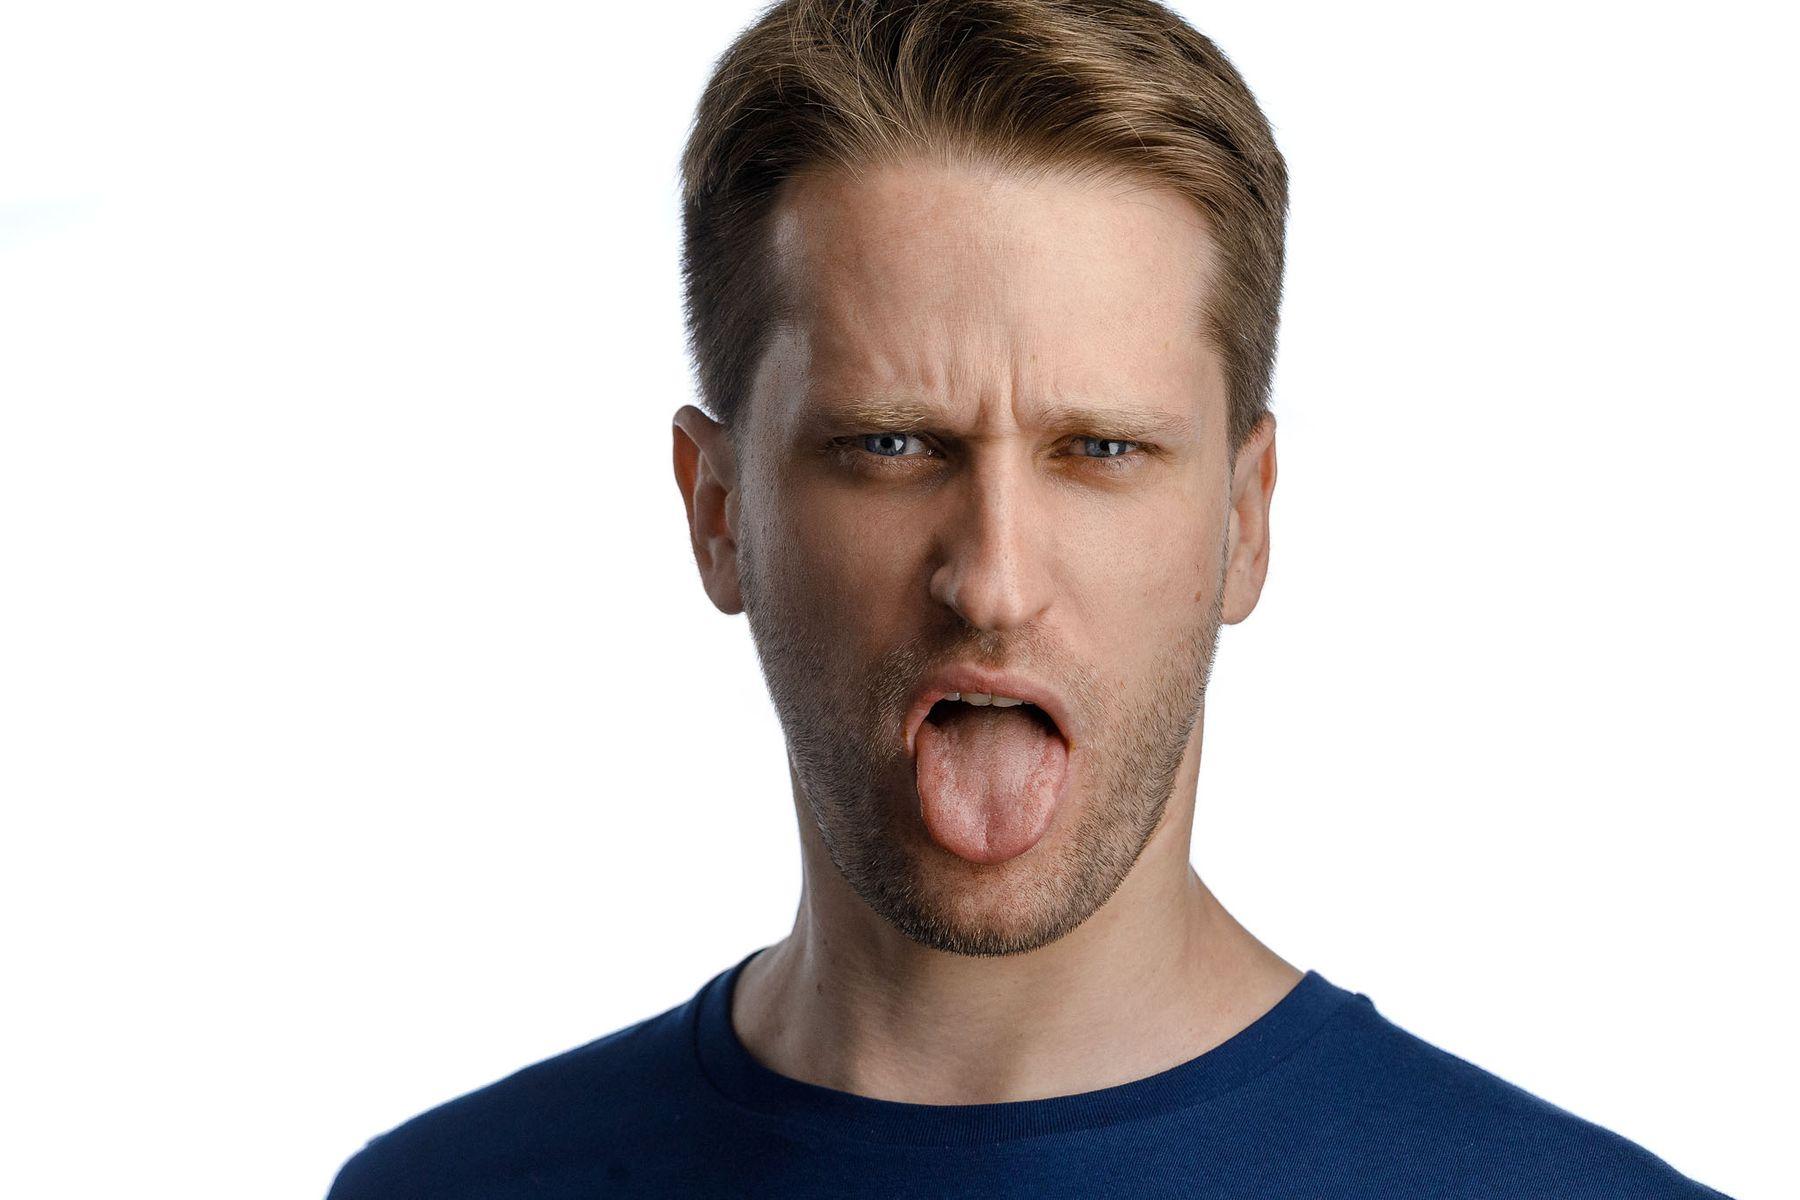 *** хэдшот крупный портрет лицевой мужчина белый фон студийный язык эмоции мимика